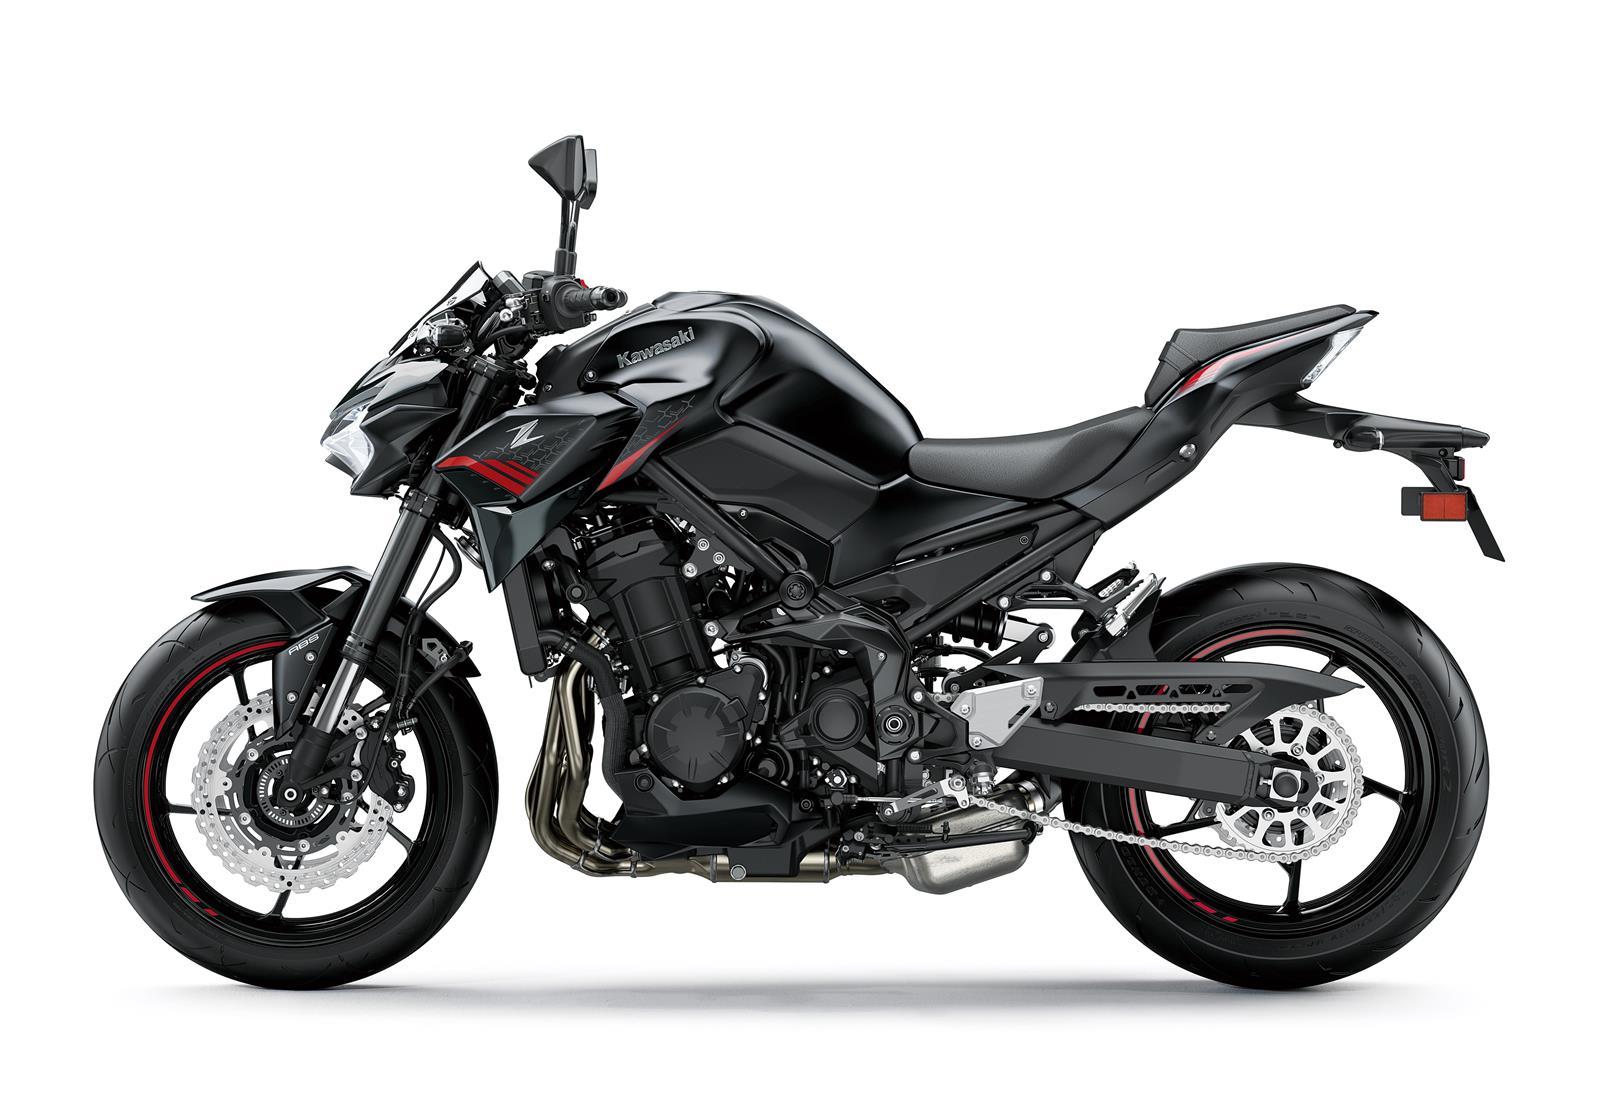 На фото представлен новый мотоцикл Кавасаки Z900 черного цвета сбоку слева 2020-го модельного года